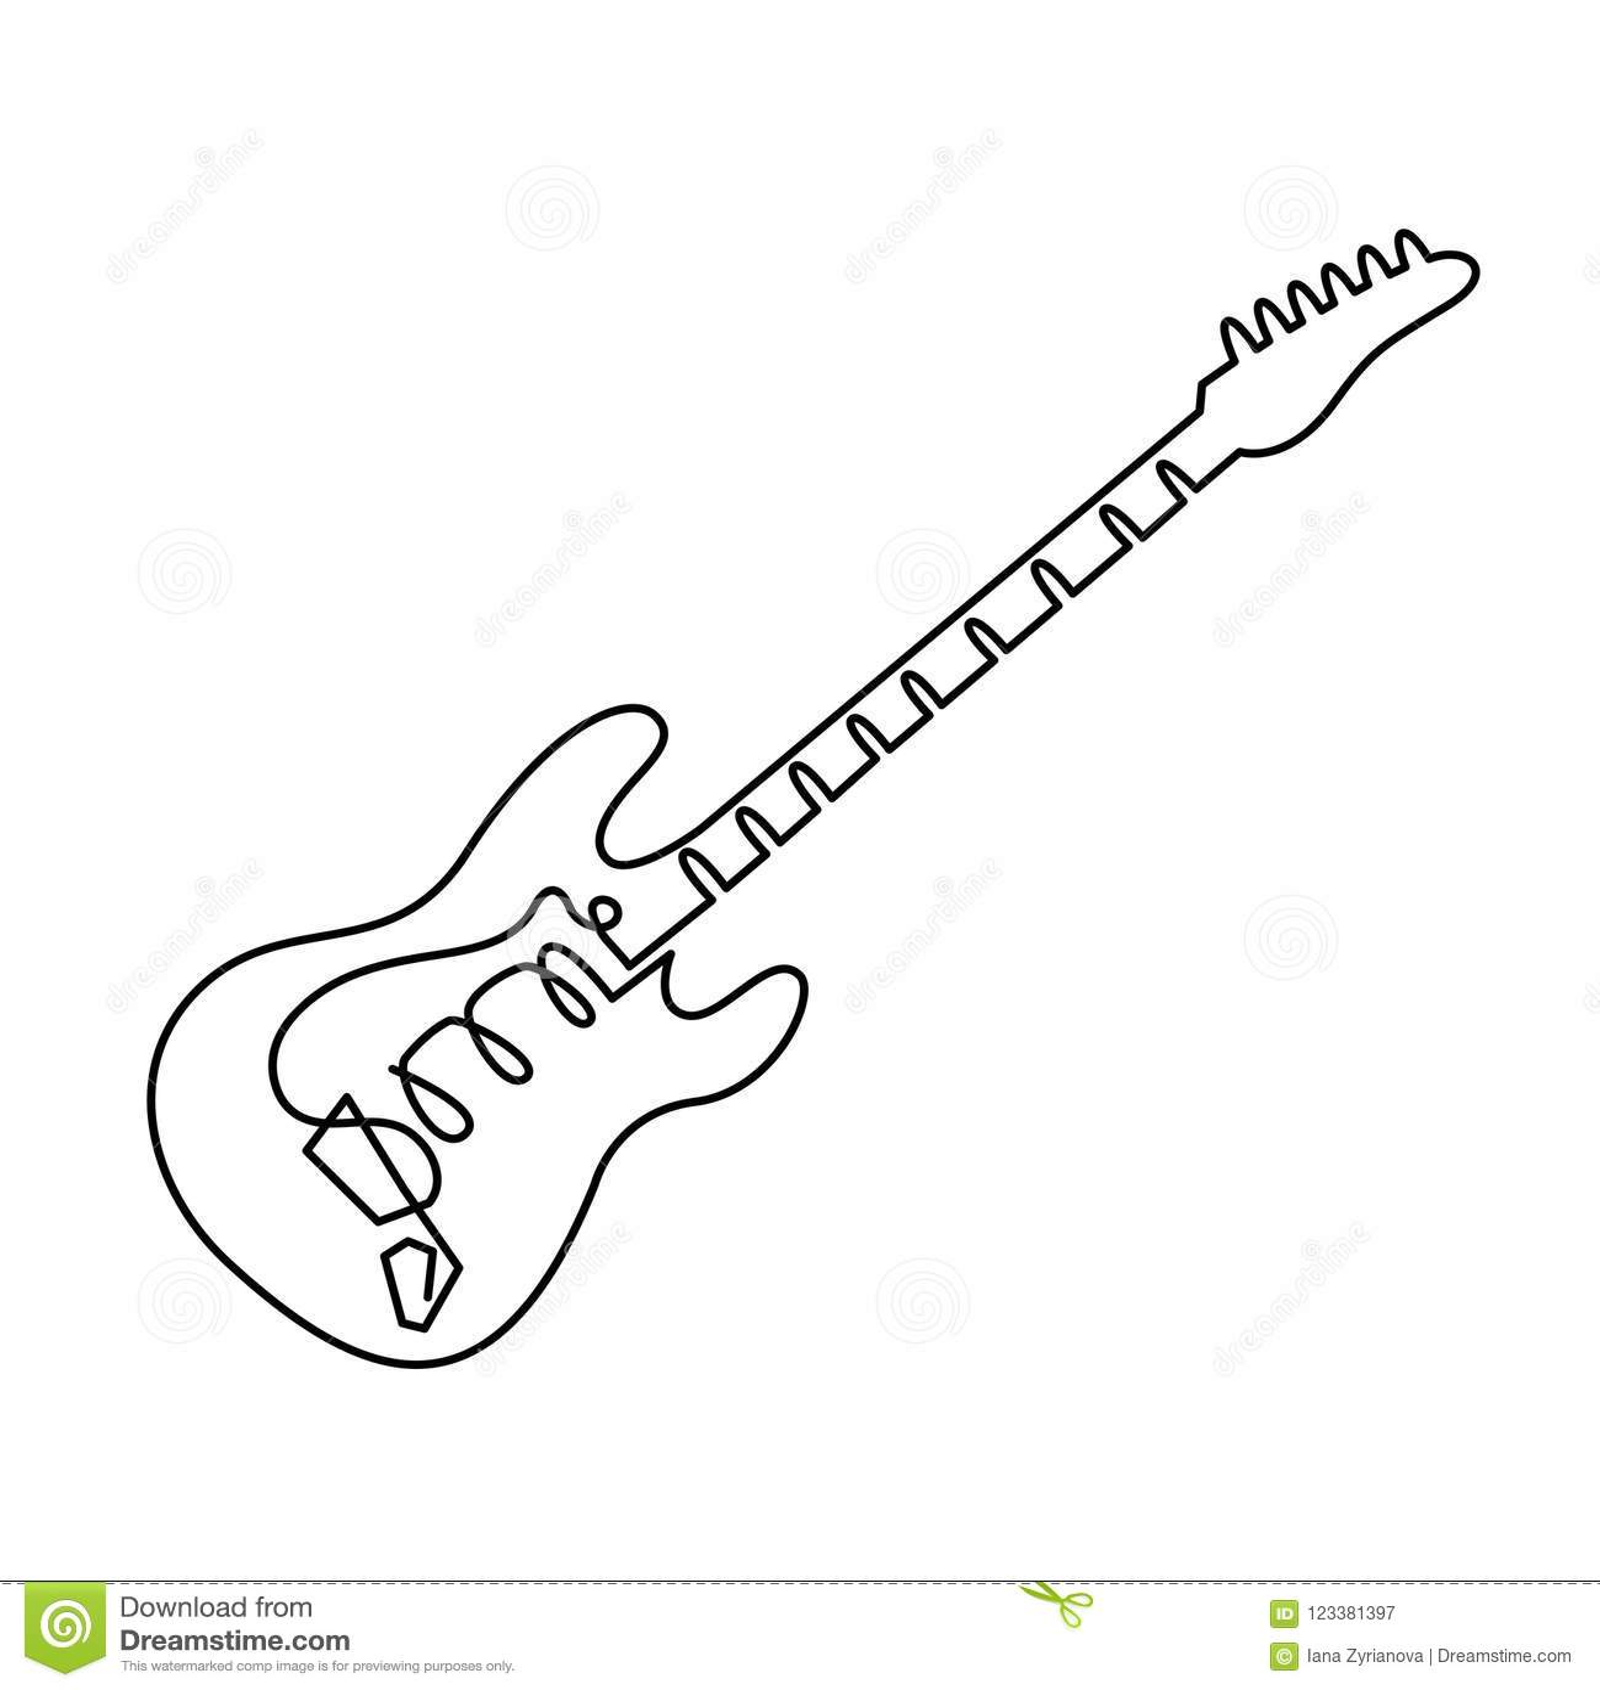 Dibujo Lineal Continuo Del Icono De La Guitarra Eléctrica